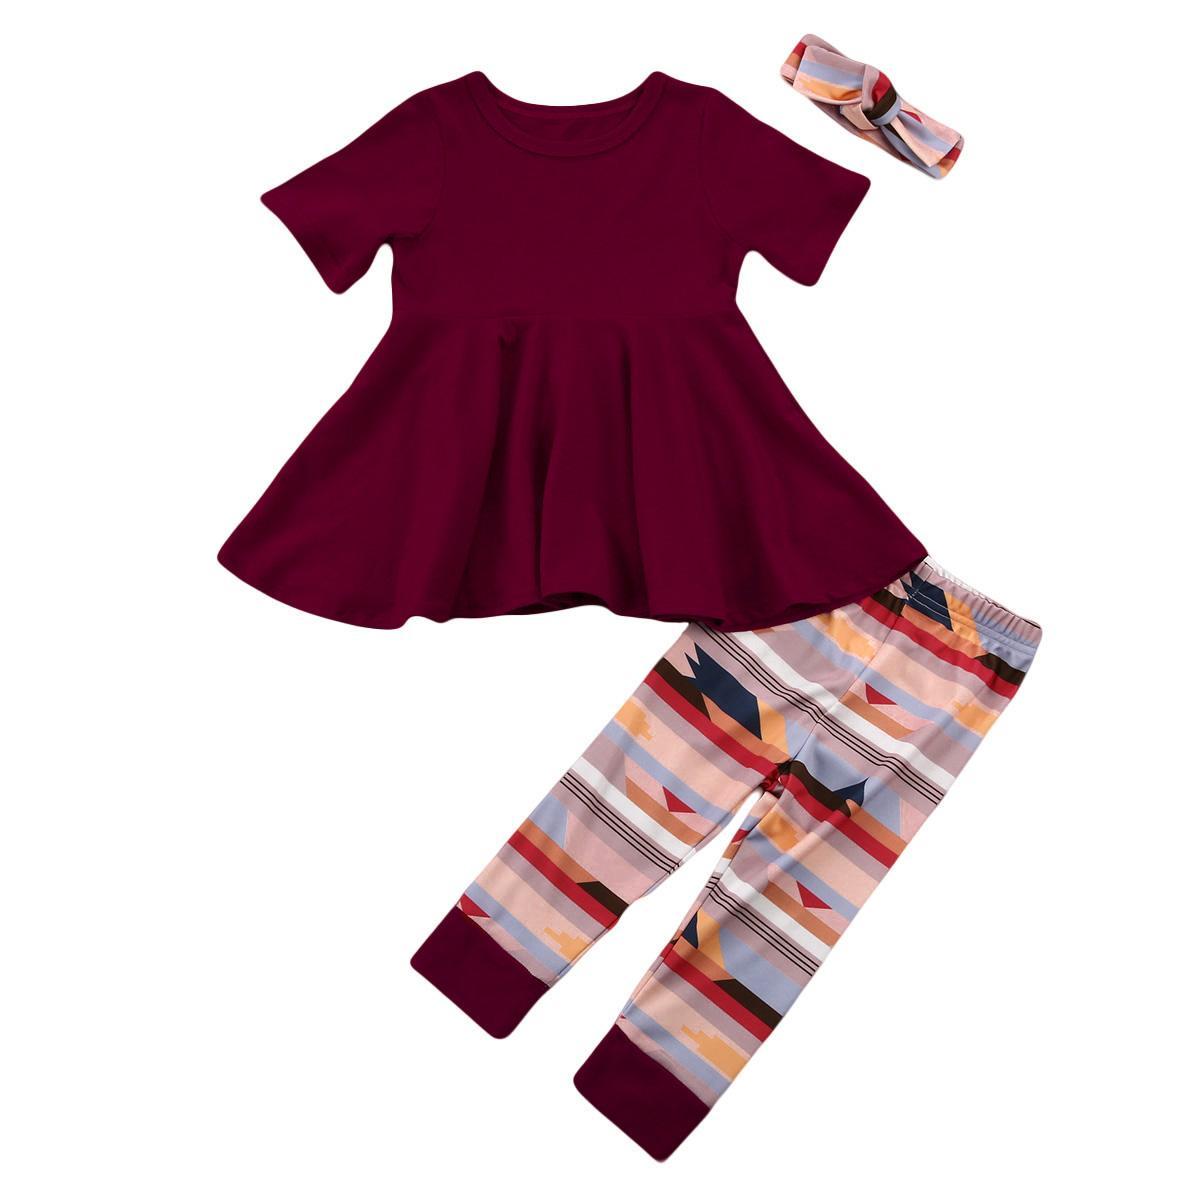 2018 Weihnachtskleinkind-Baby-Ausstattungs-Rot-T-Shirt Tops Kleid + zufällige Figur Gestreifte Hosen Stirnband 3Pcs Set